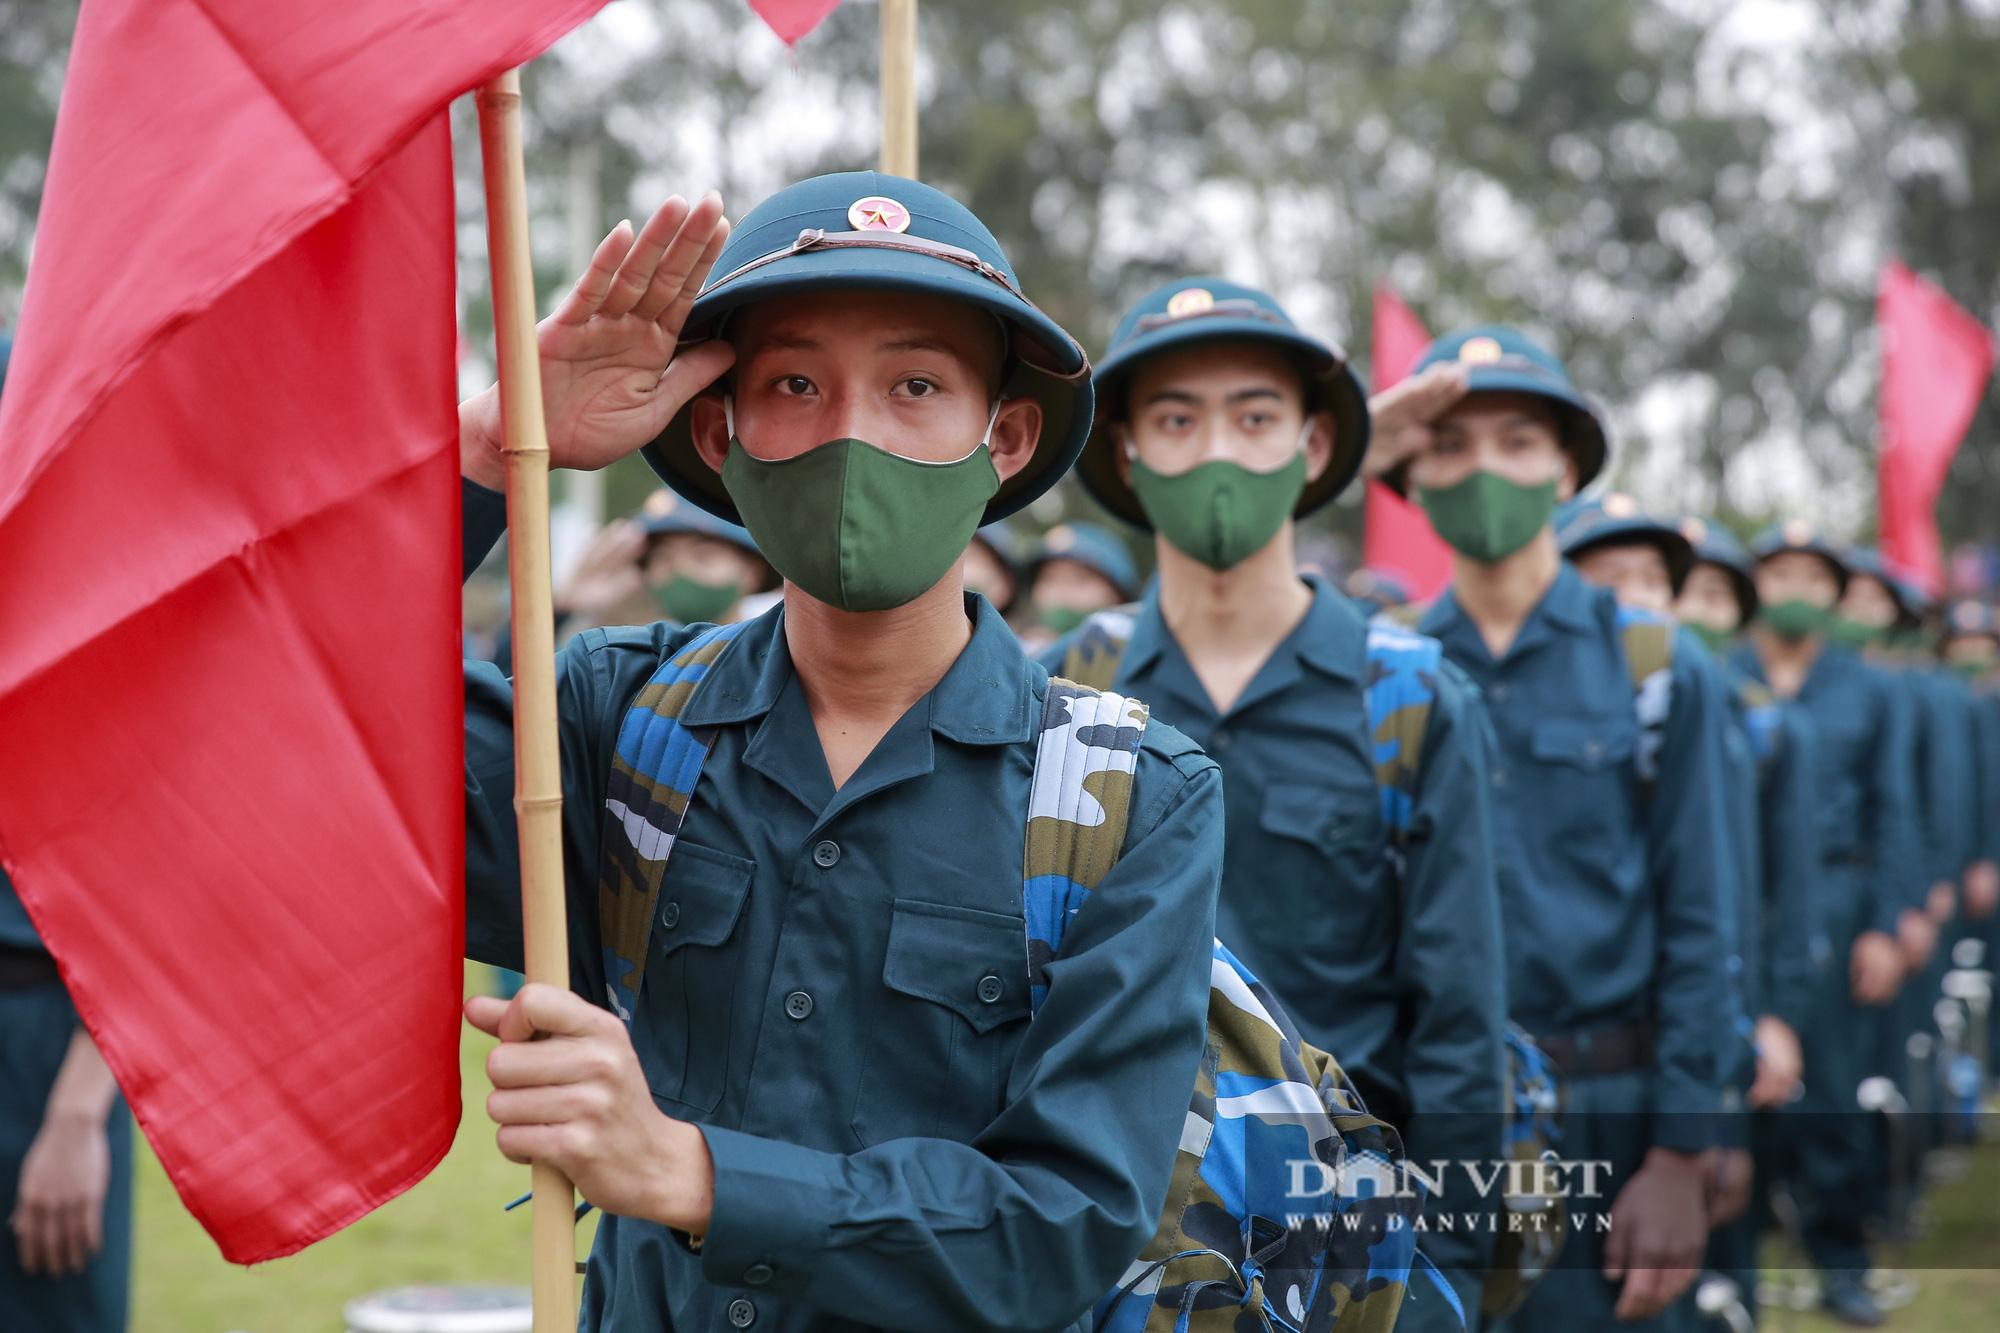 Khoảnh khắc xúc động ngày thanh niên Hà Nội lên đường thực hiện nghĩa vụ quân sự - Ảnh 2.